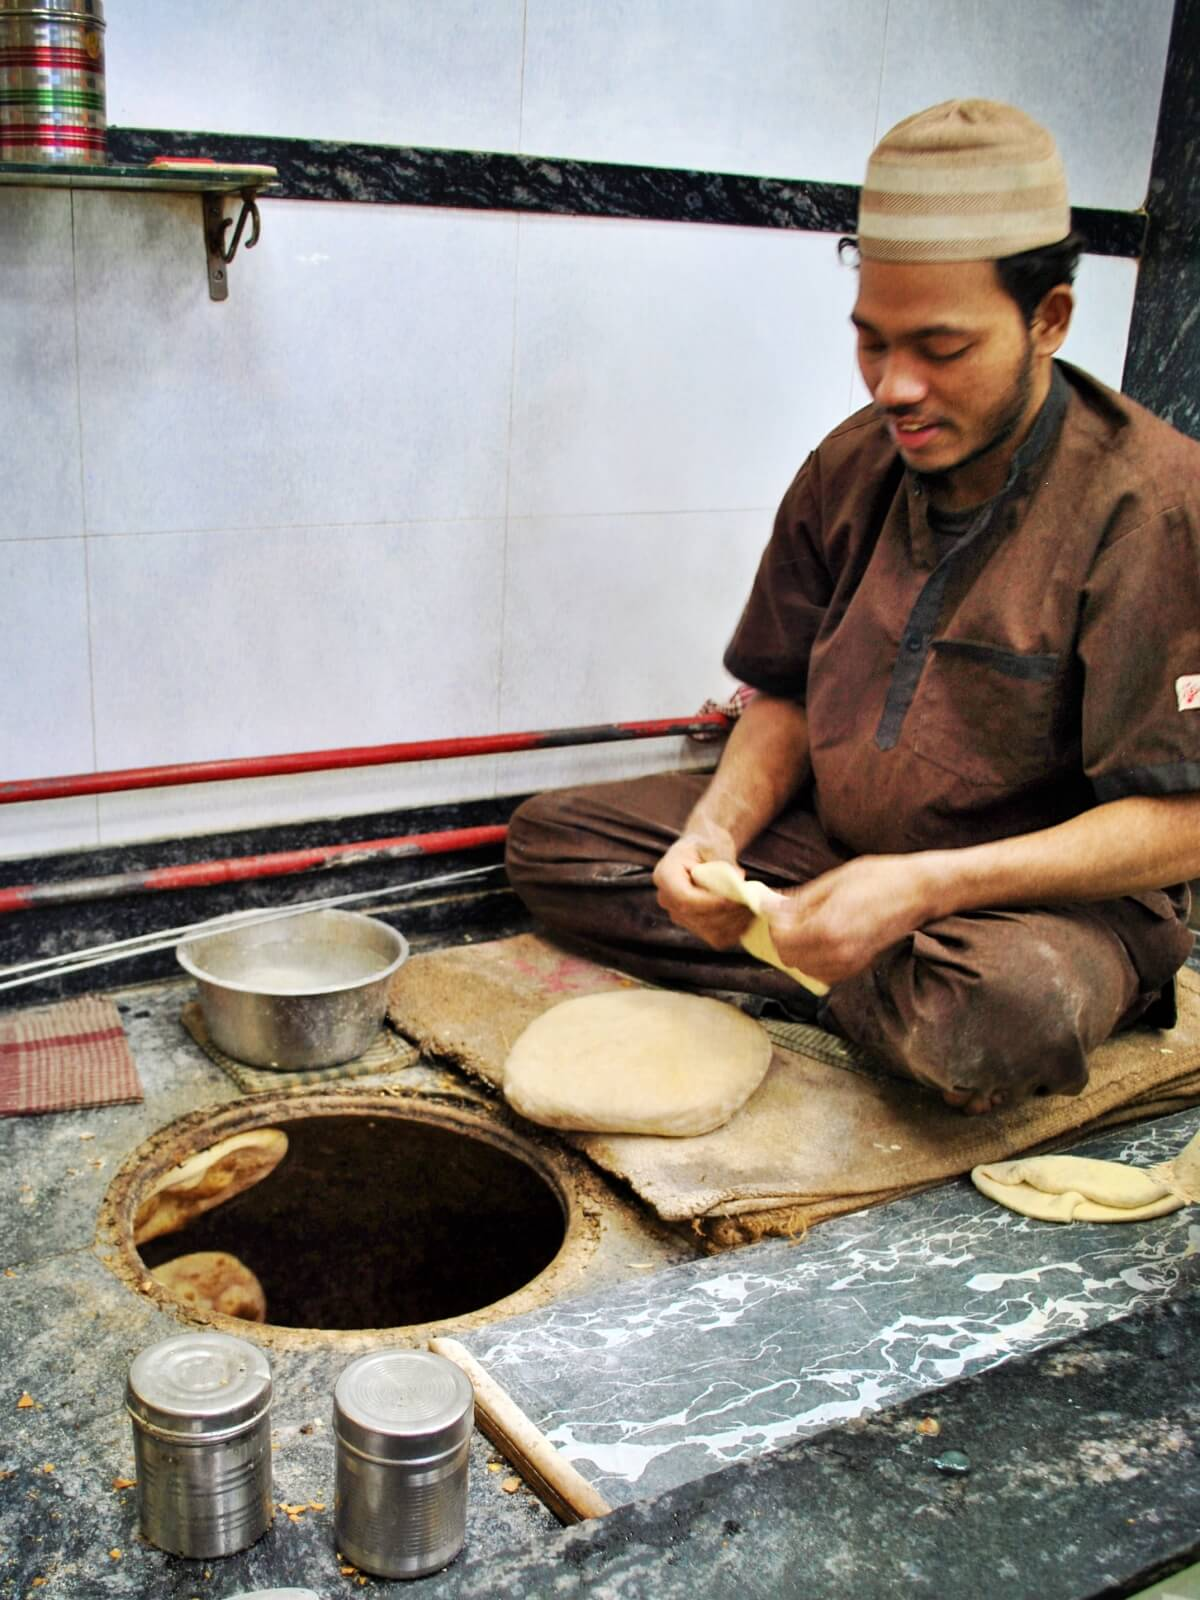 Wypiekanie tradycyjnego indyjskiego chleba Naan.